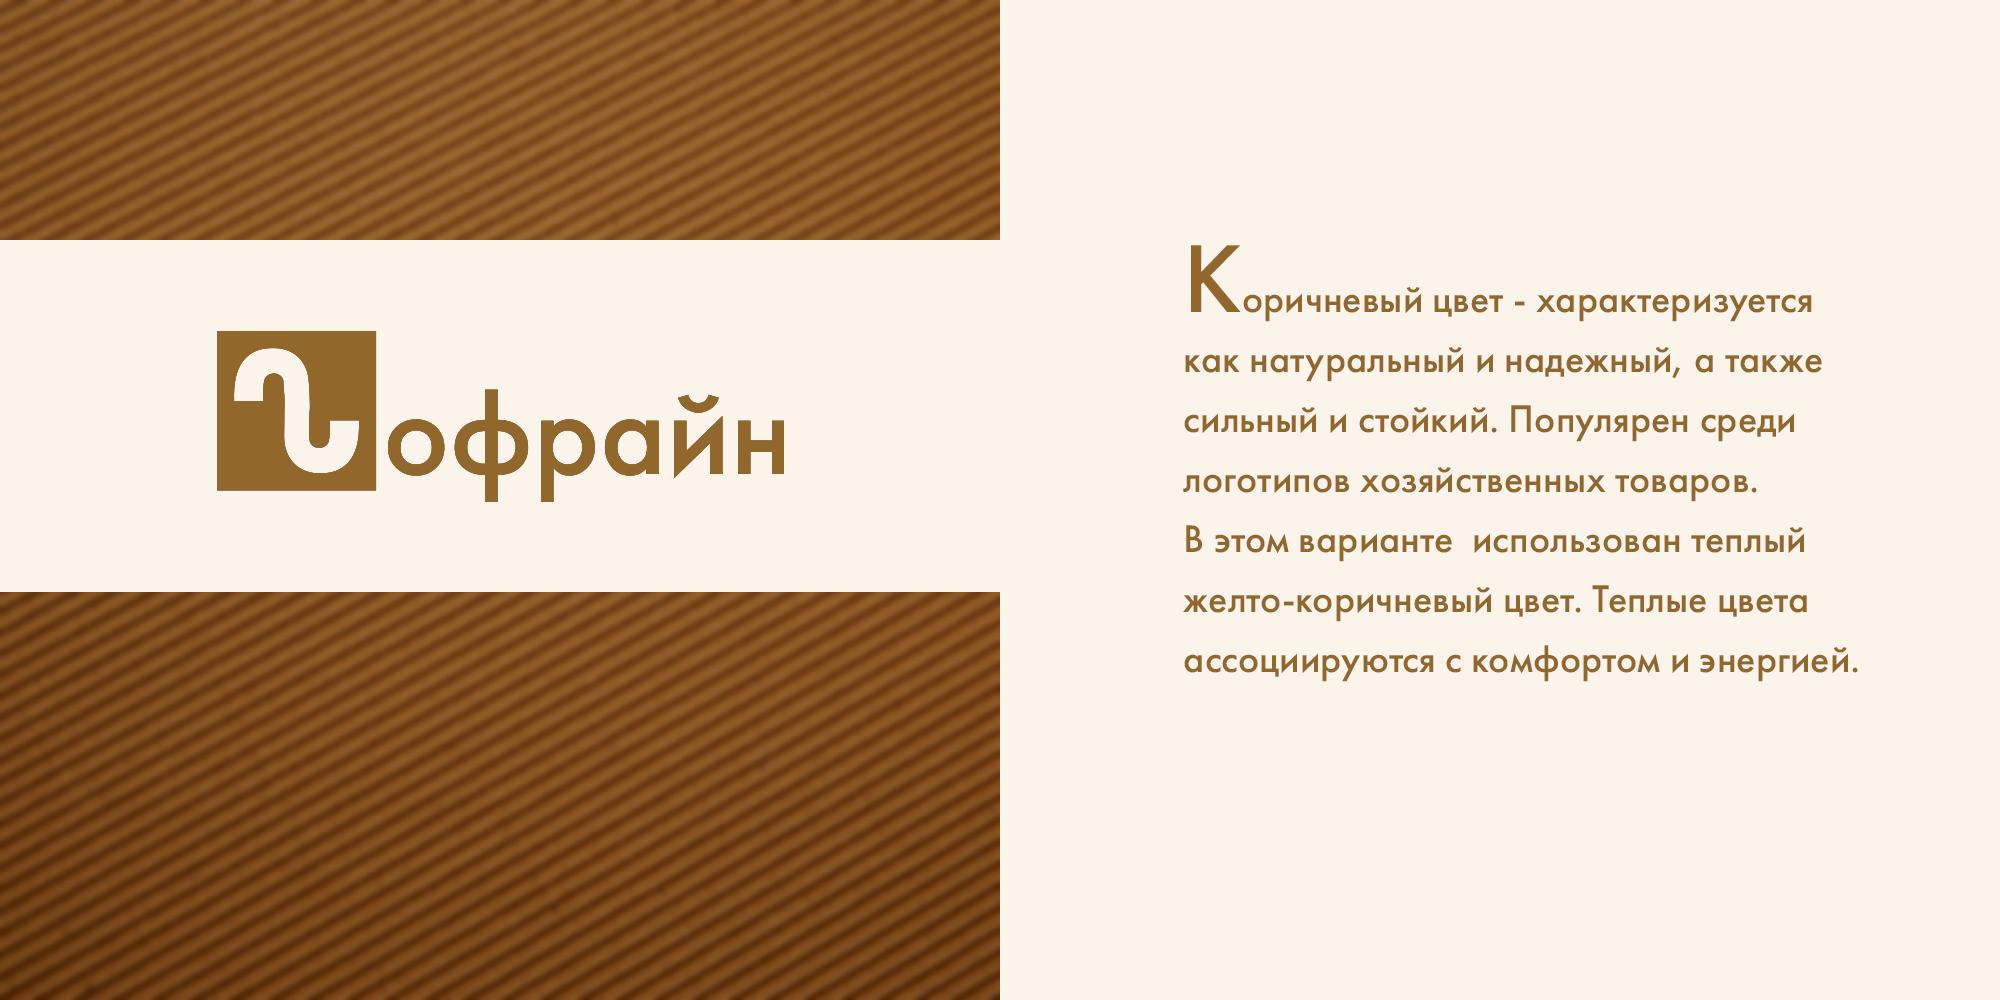 Логотип для компании по реализации упаковки из гофрокартона фото f_6075ce2435cc9e50.jpg